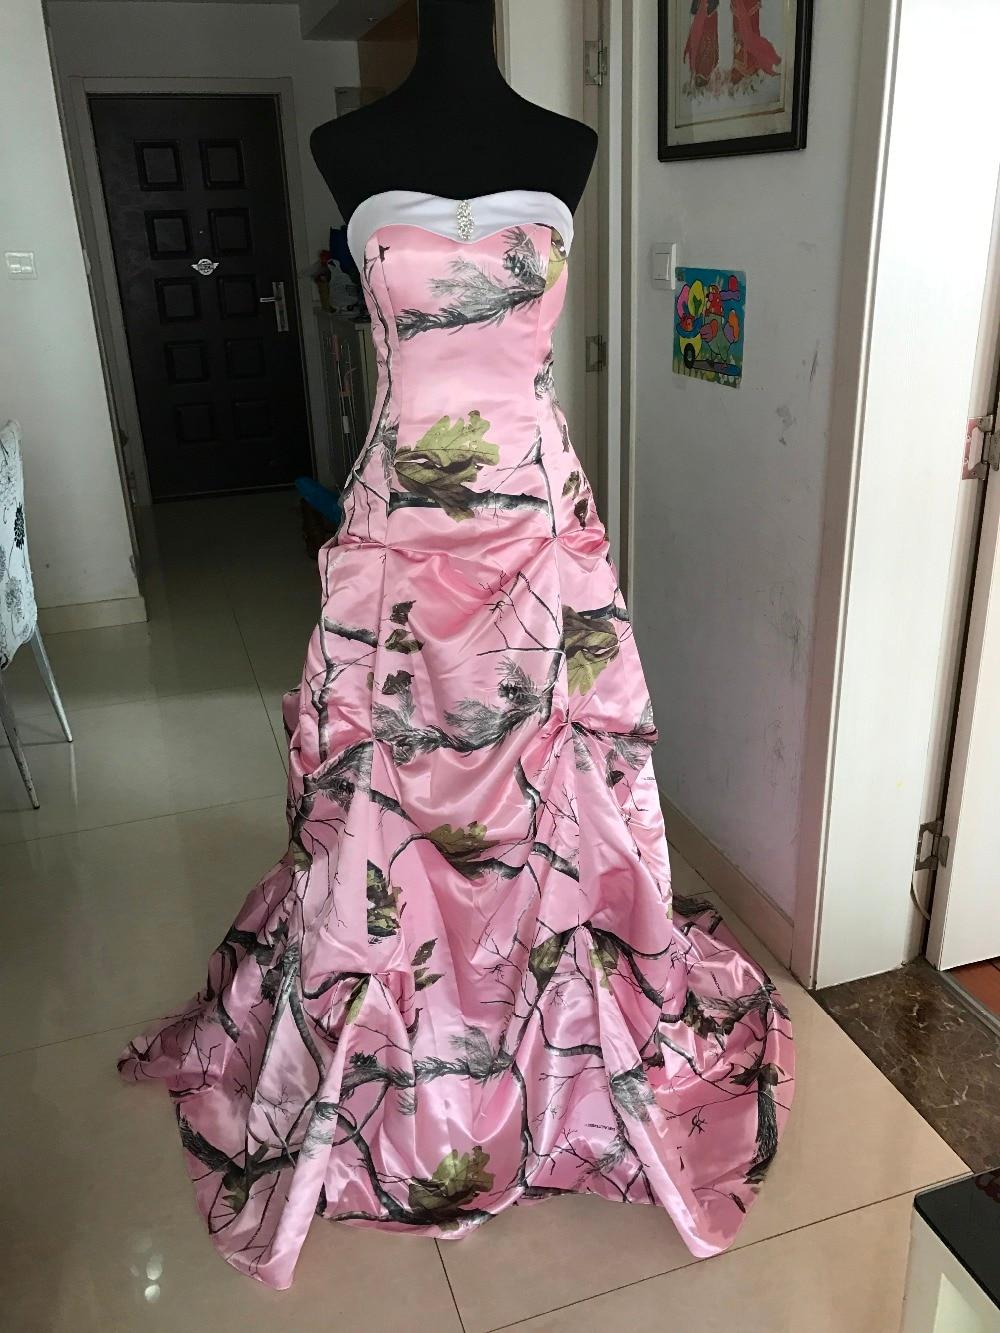 Bonito Camo Prom Dress And Tux Friso - Ideas de Vestido para La ...